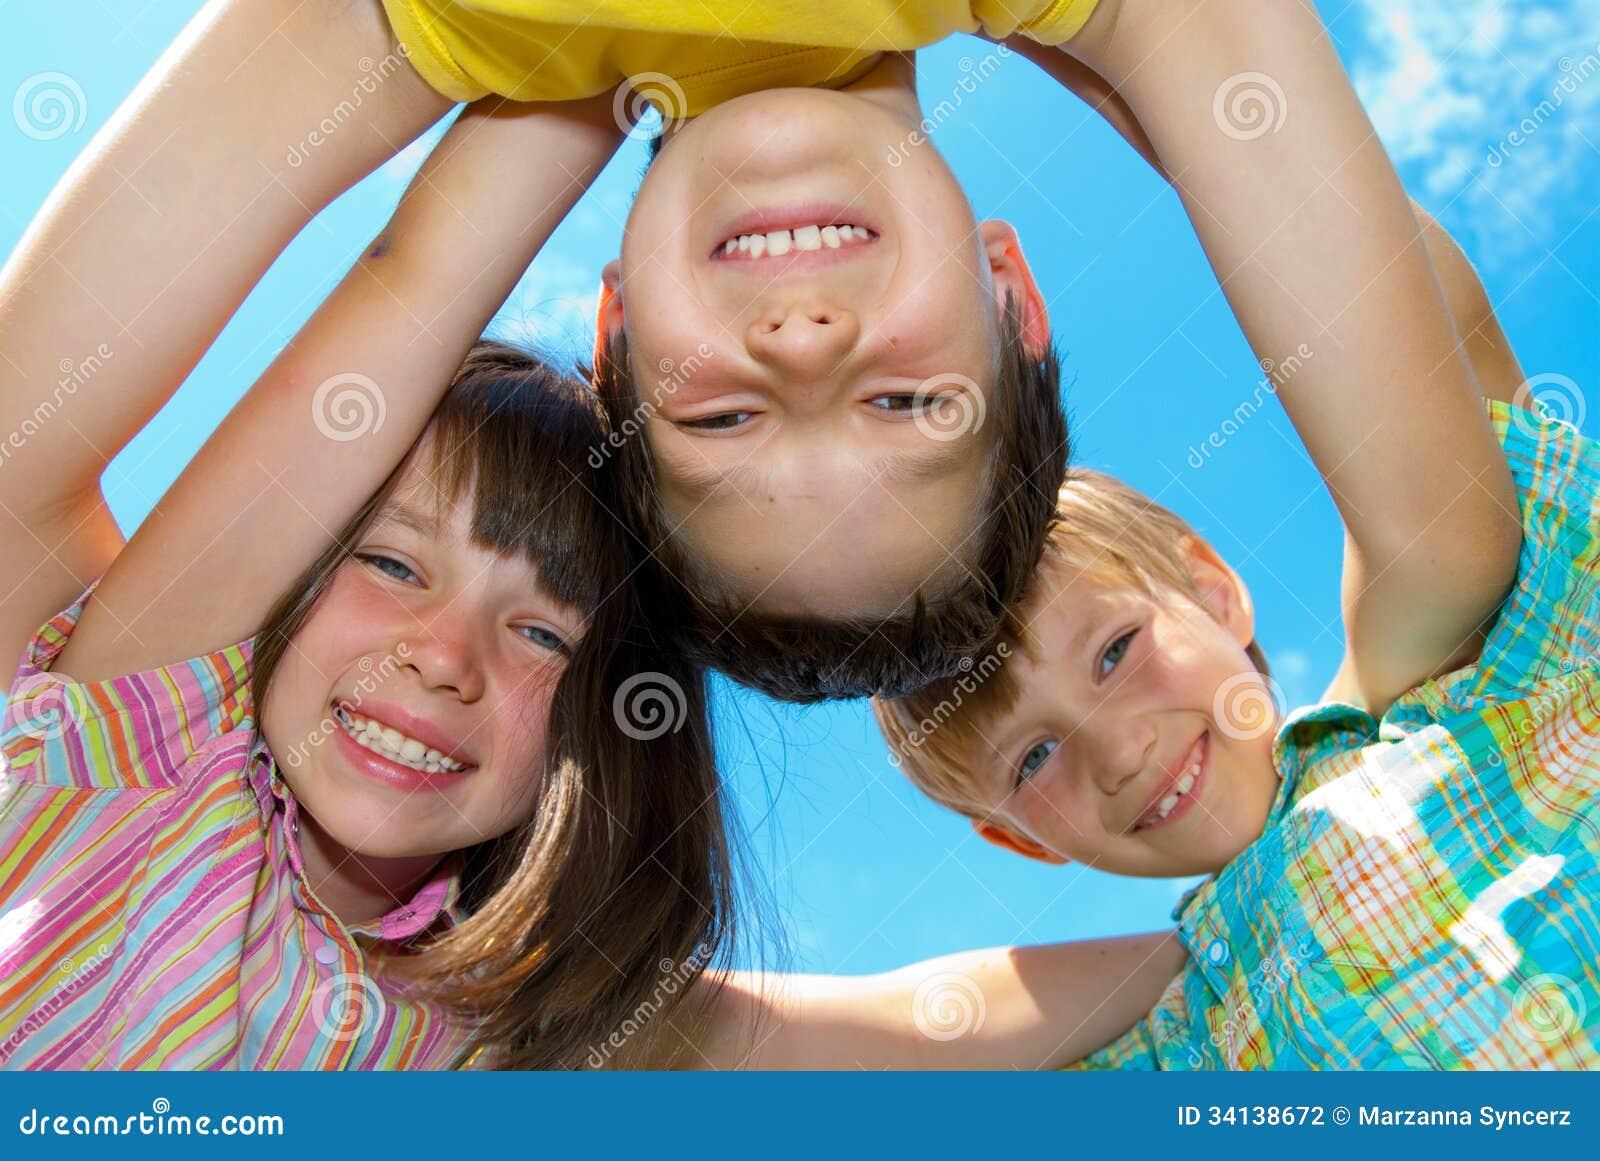 Lächelnde glückliche Kinder